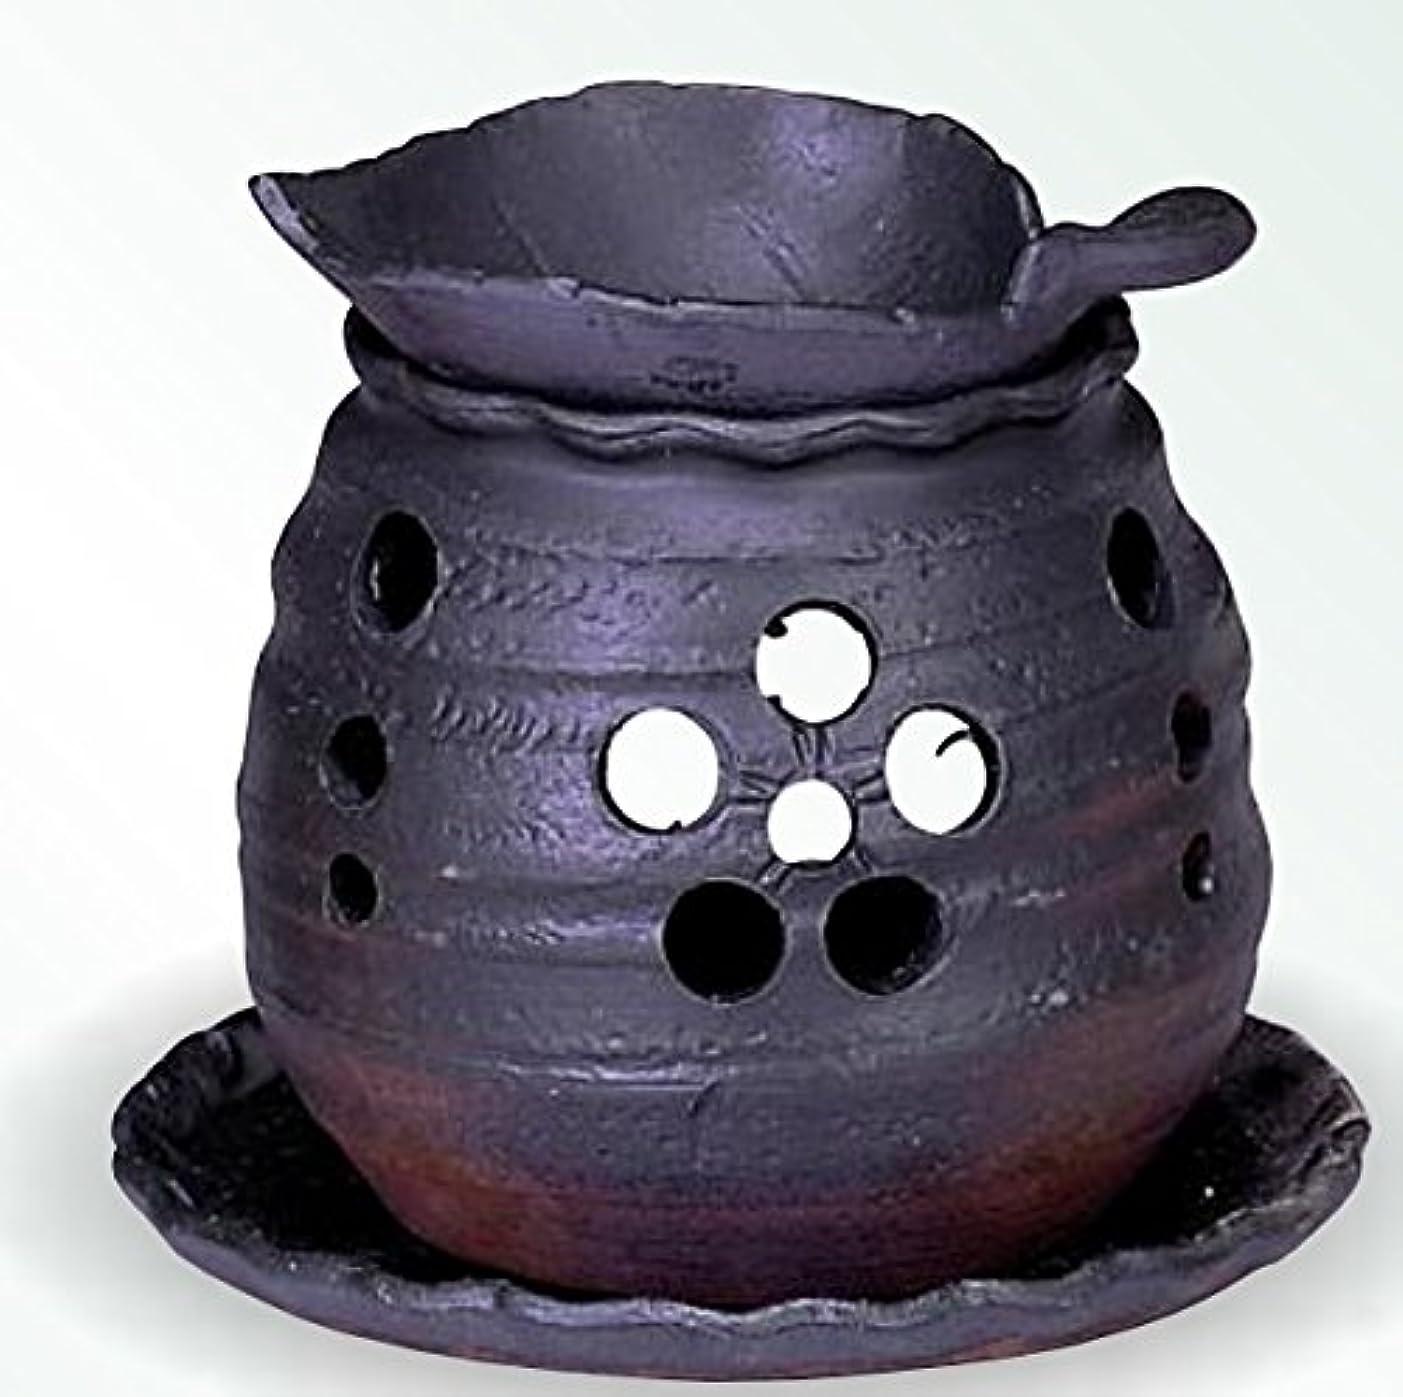 賞クアッガ損なう常滑焼 茶香炉(アロマポット)木ノ葉皿 径10×高さ10.5cm